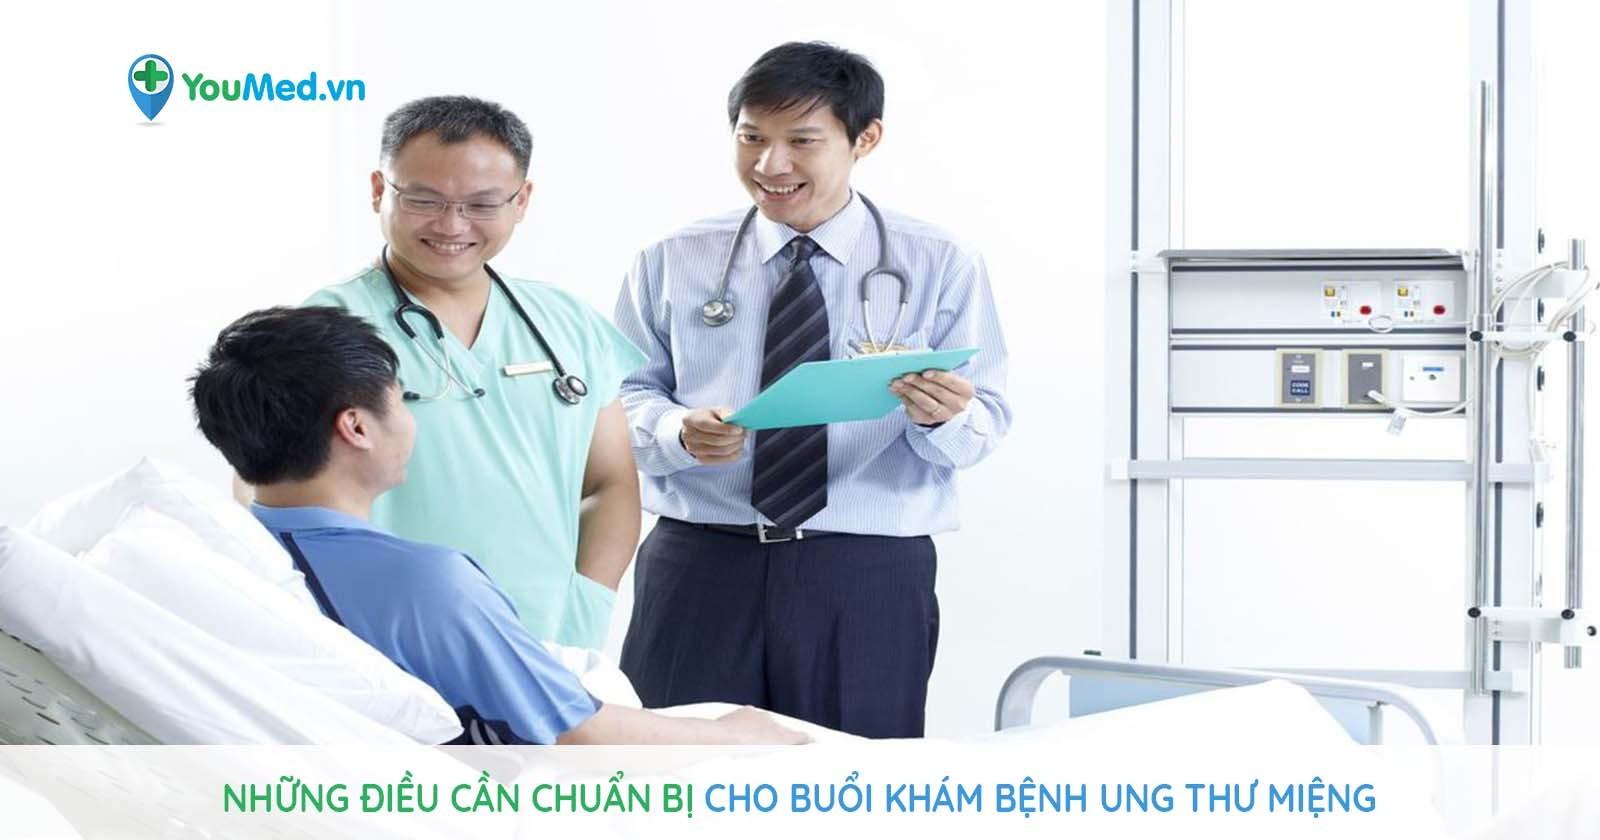 Những điều cần chuẩn bị cho buổi khám bệnh Ung thư miệng